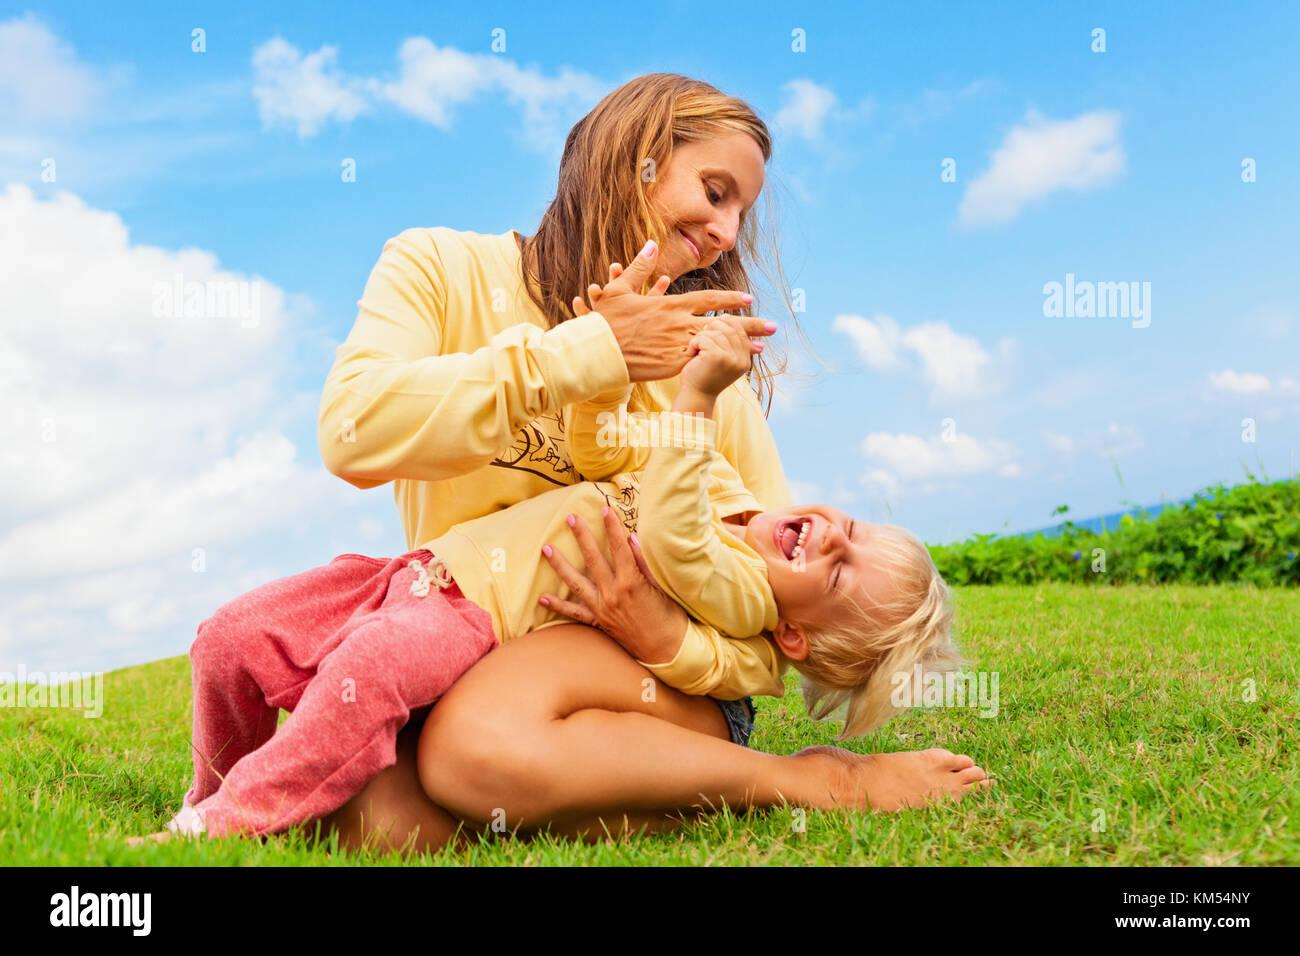 Famille heureuse sur l'herbe verte pelouse. enfant s'amuser sur l'extérieur de marche - mère Photo Stock